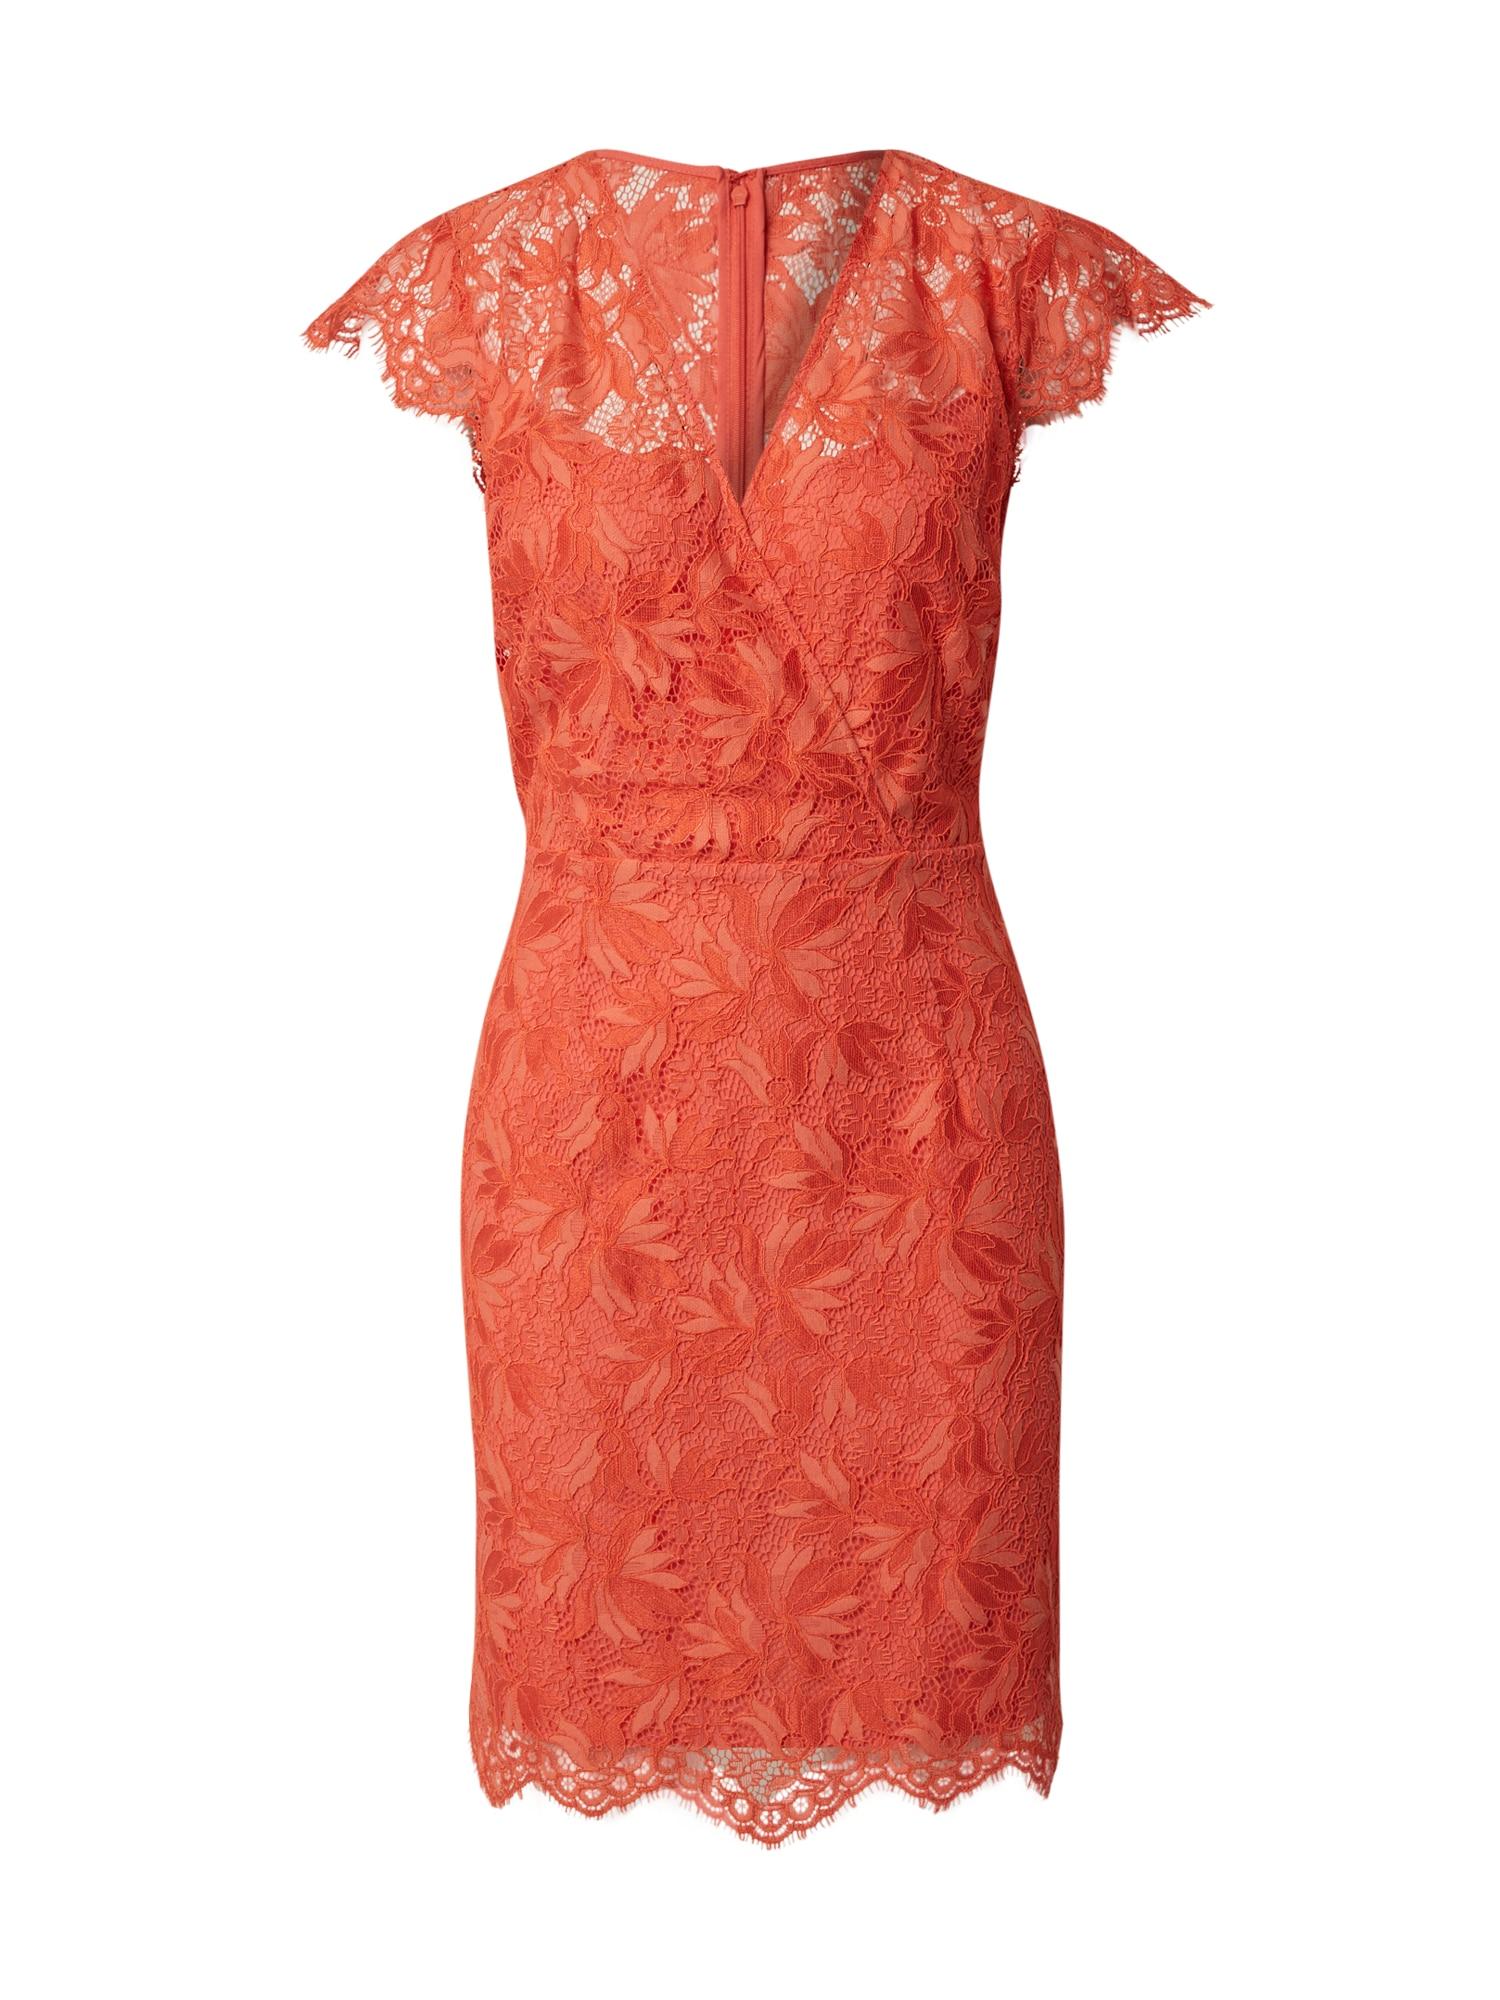 Morgan Trumpa kokteilinė suknelė 'Kleid' oranžinė-raudona